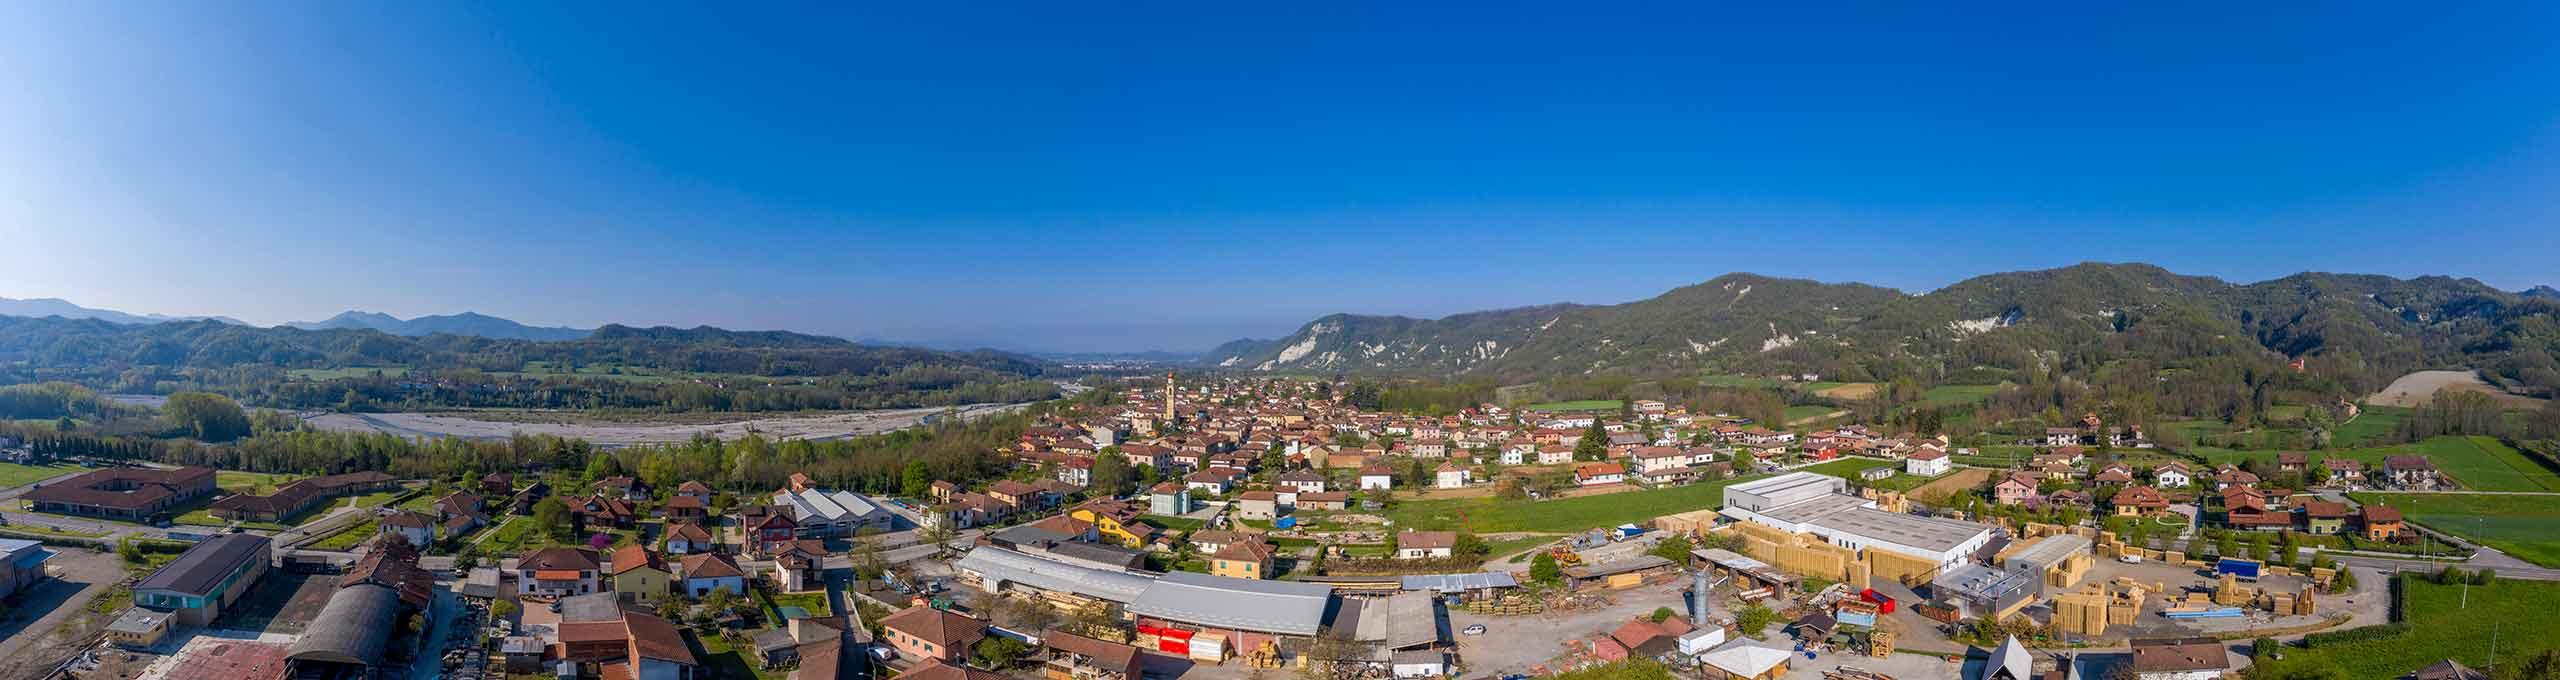 Borghetto di Borbera, Terre del Giarolo